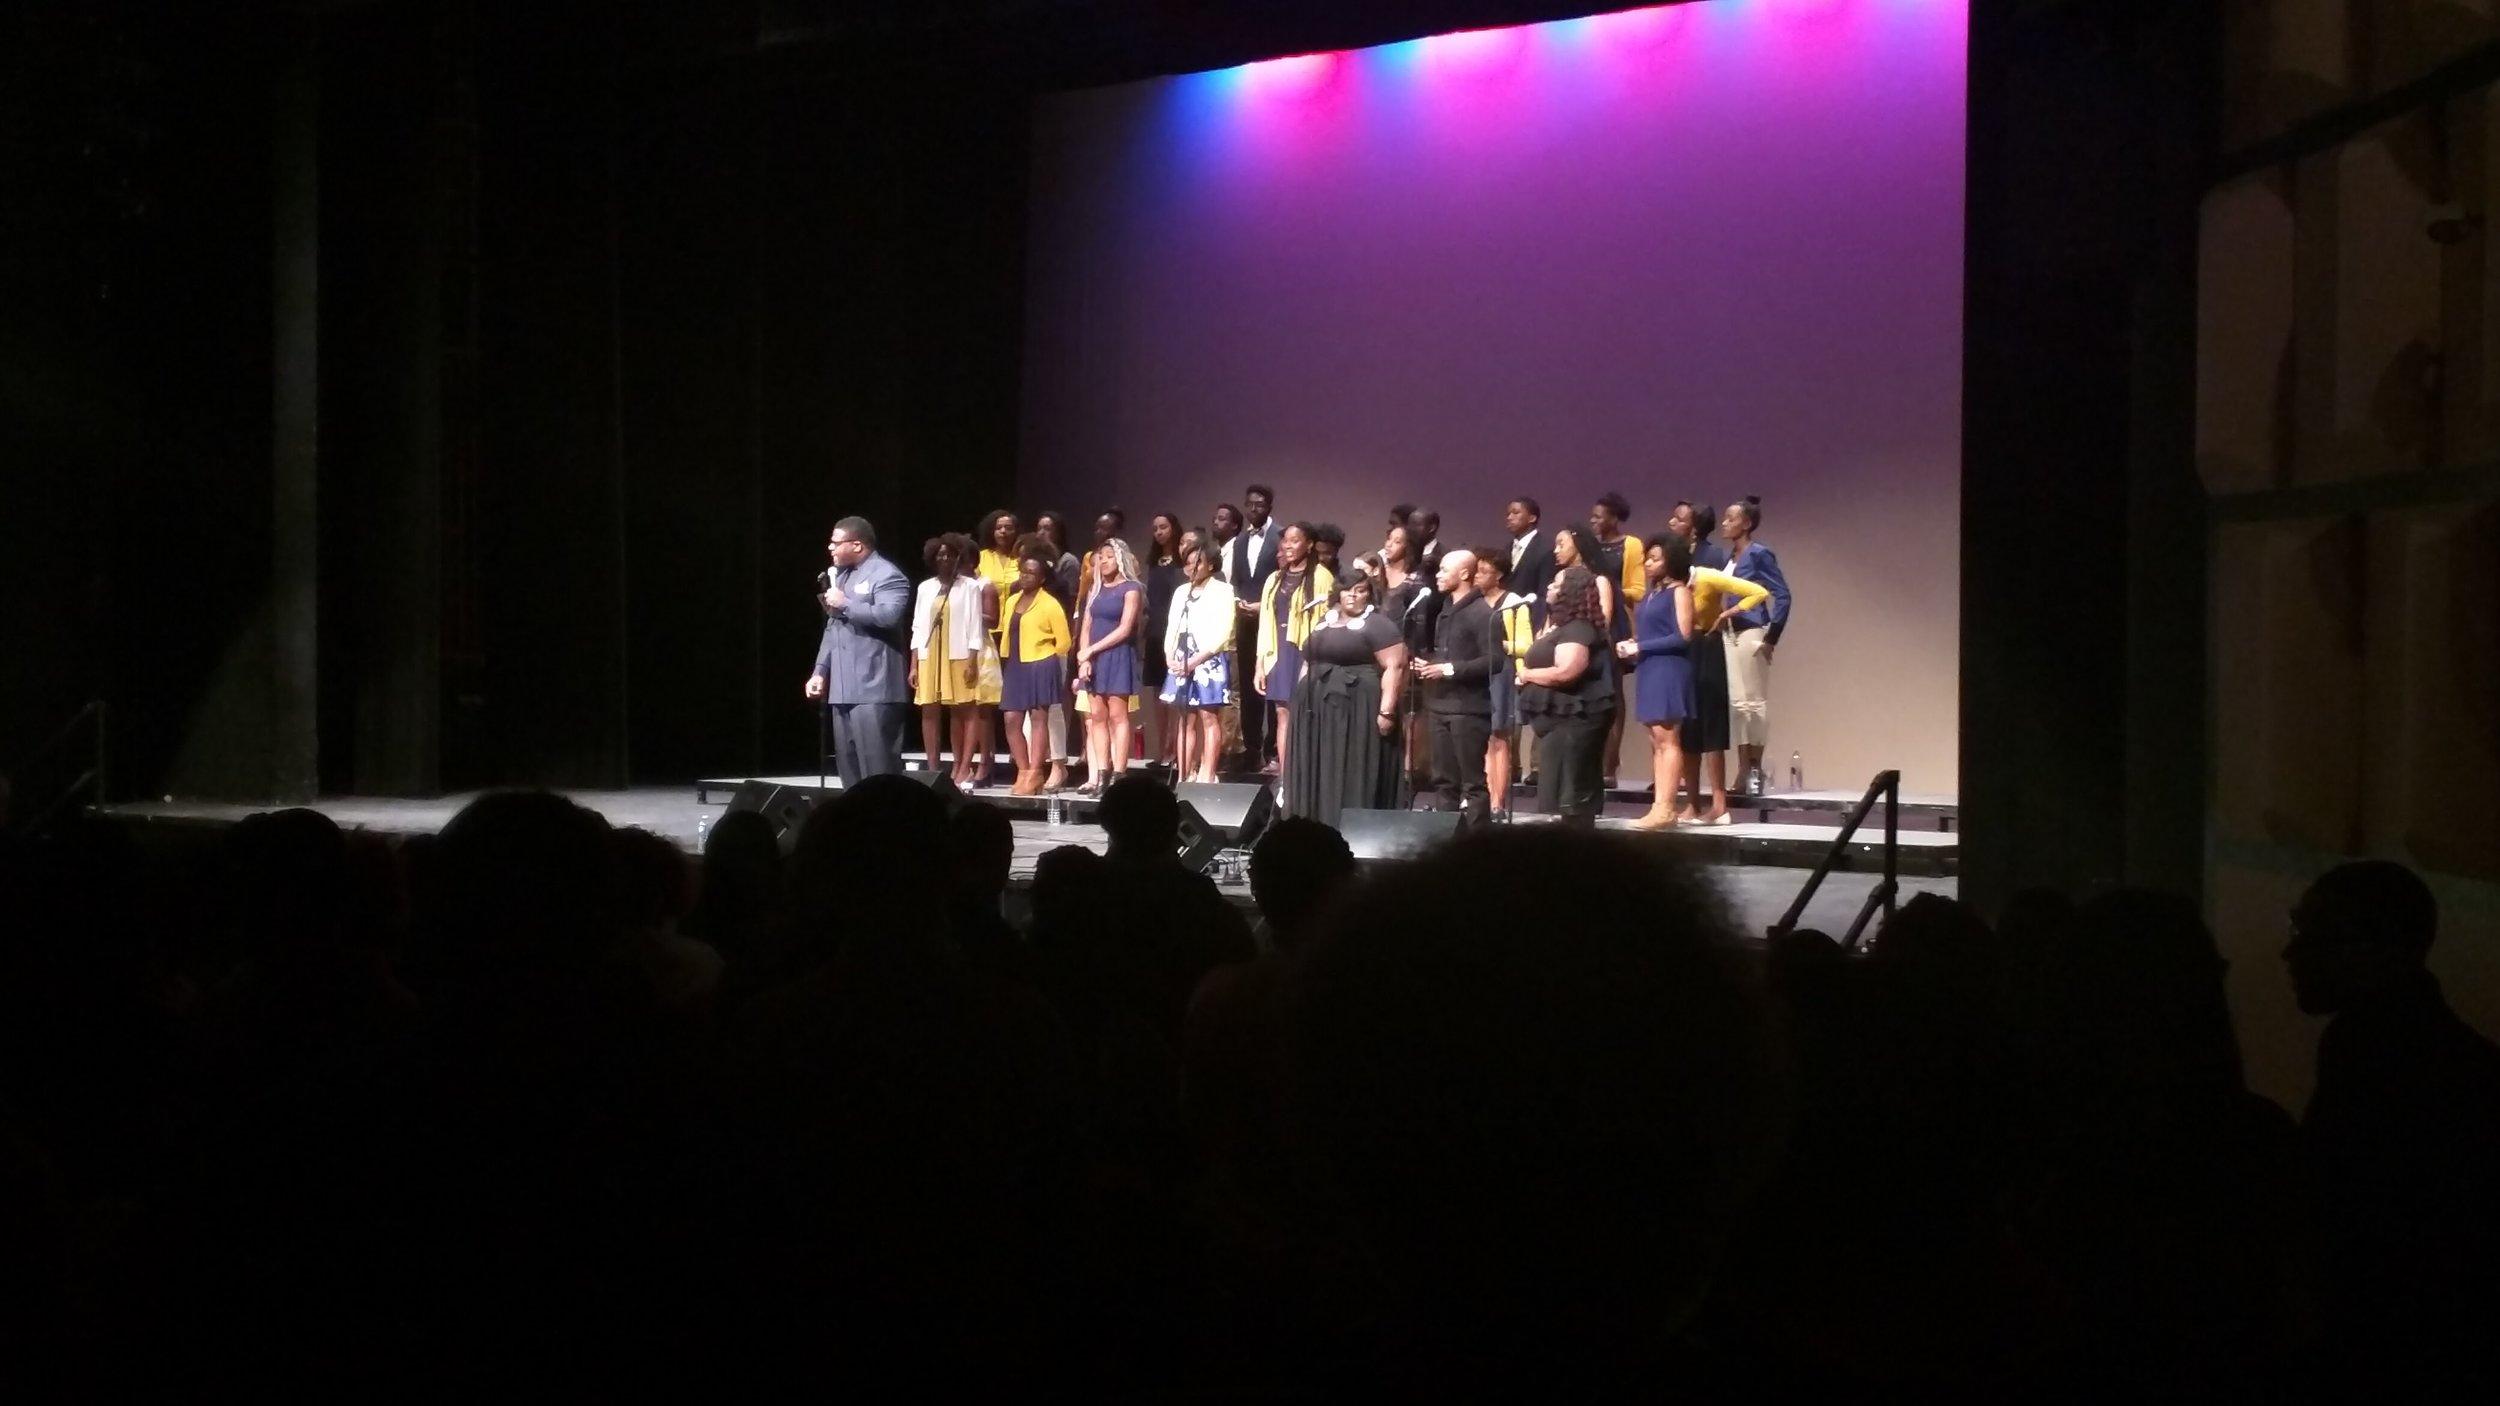 FOH for Northwestrn University's Community Ensemble concert